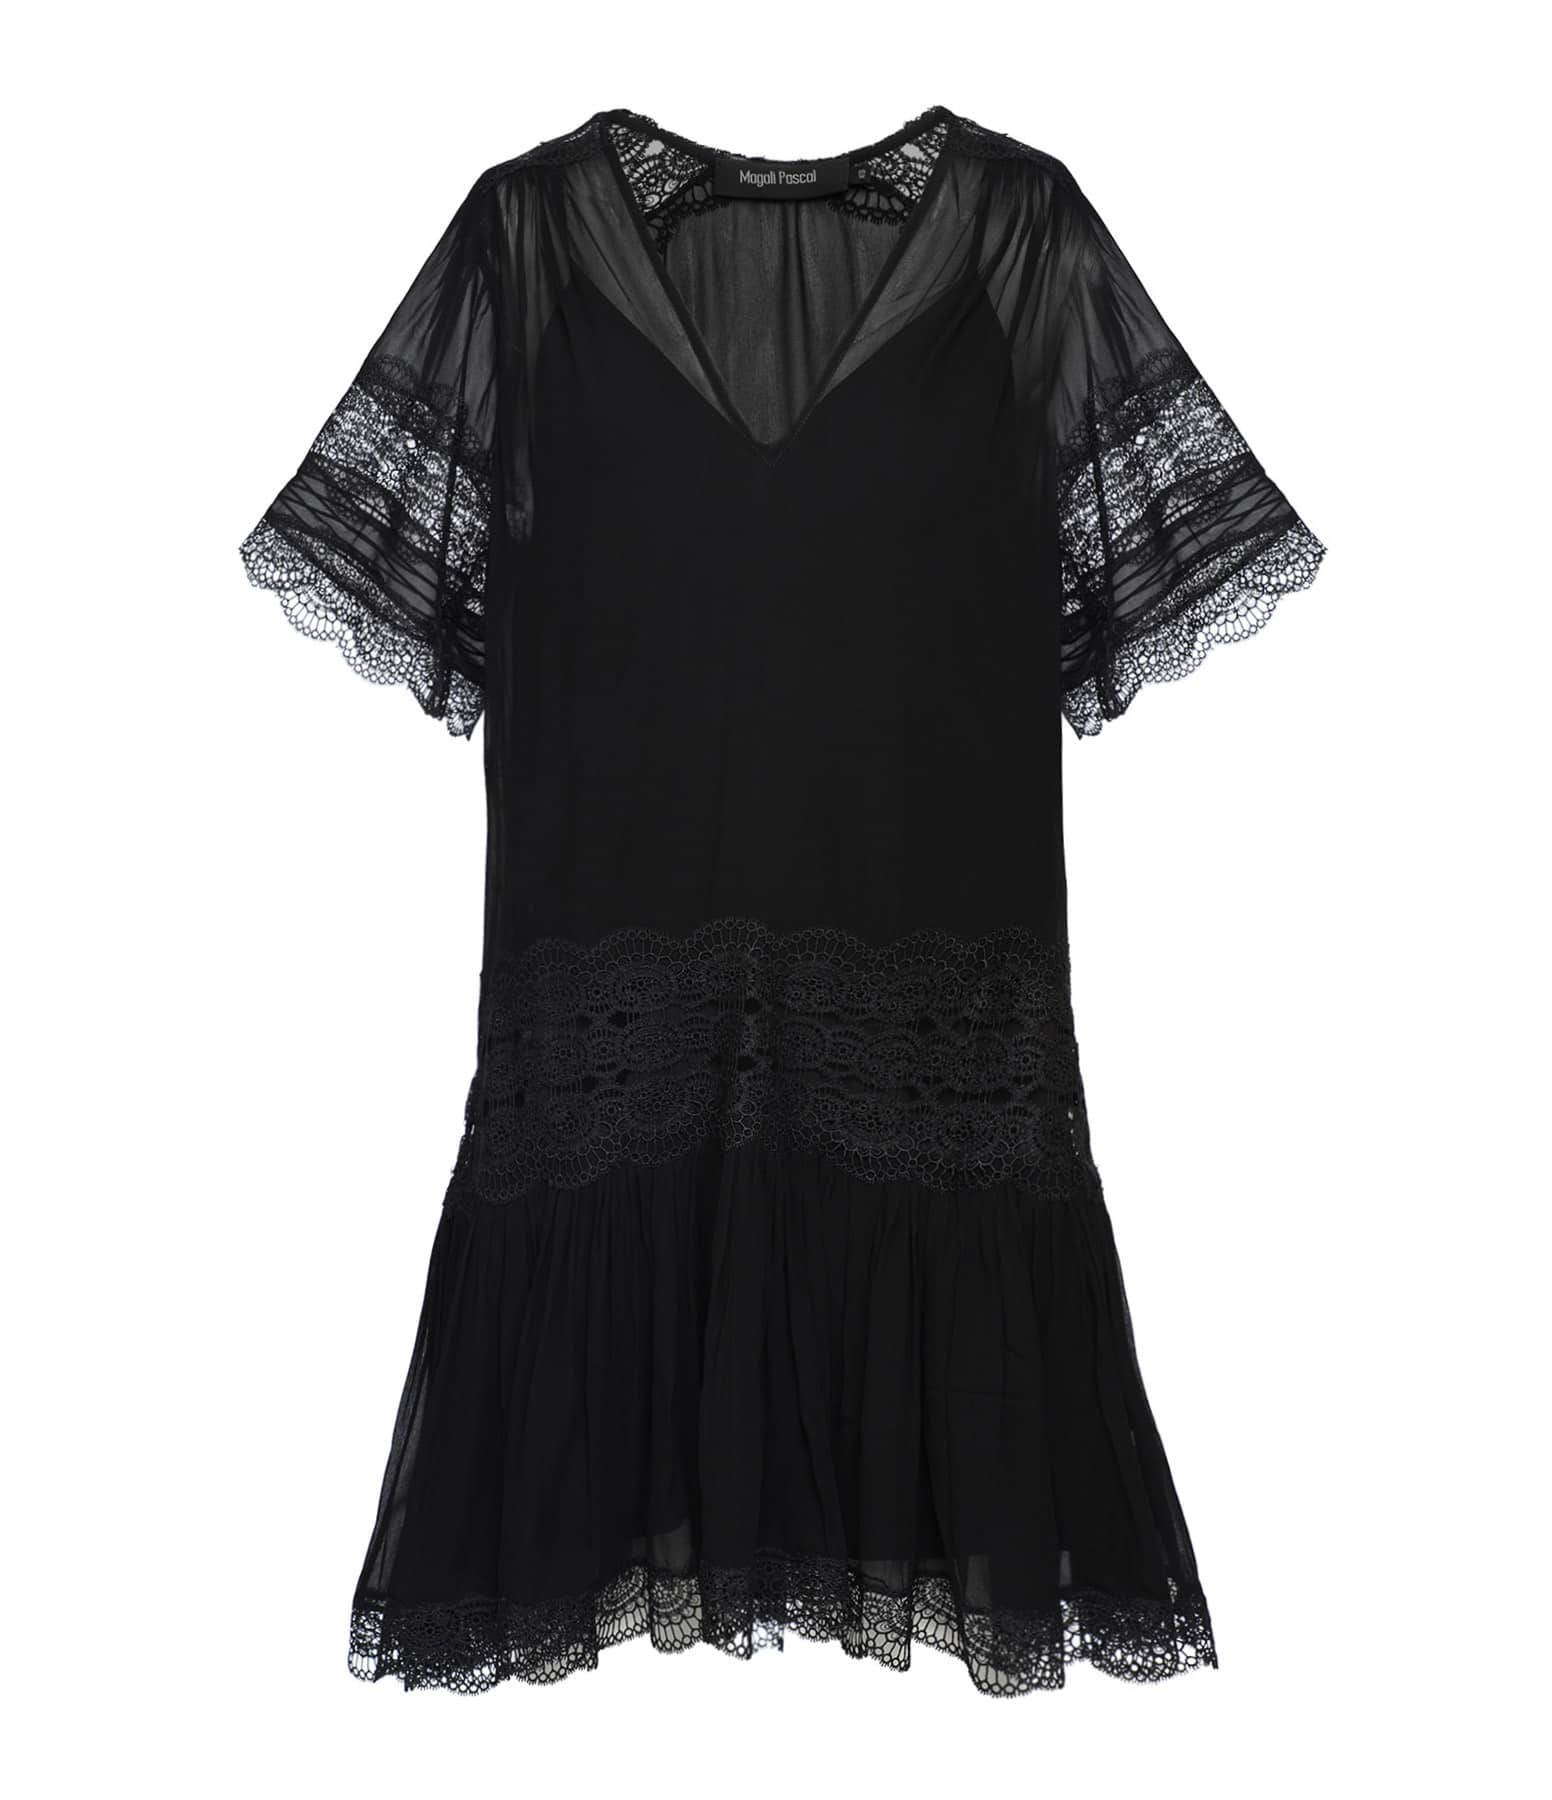 MAGALI PASCAL - Robe Garbo Noir